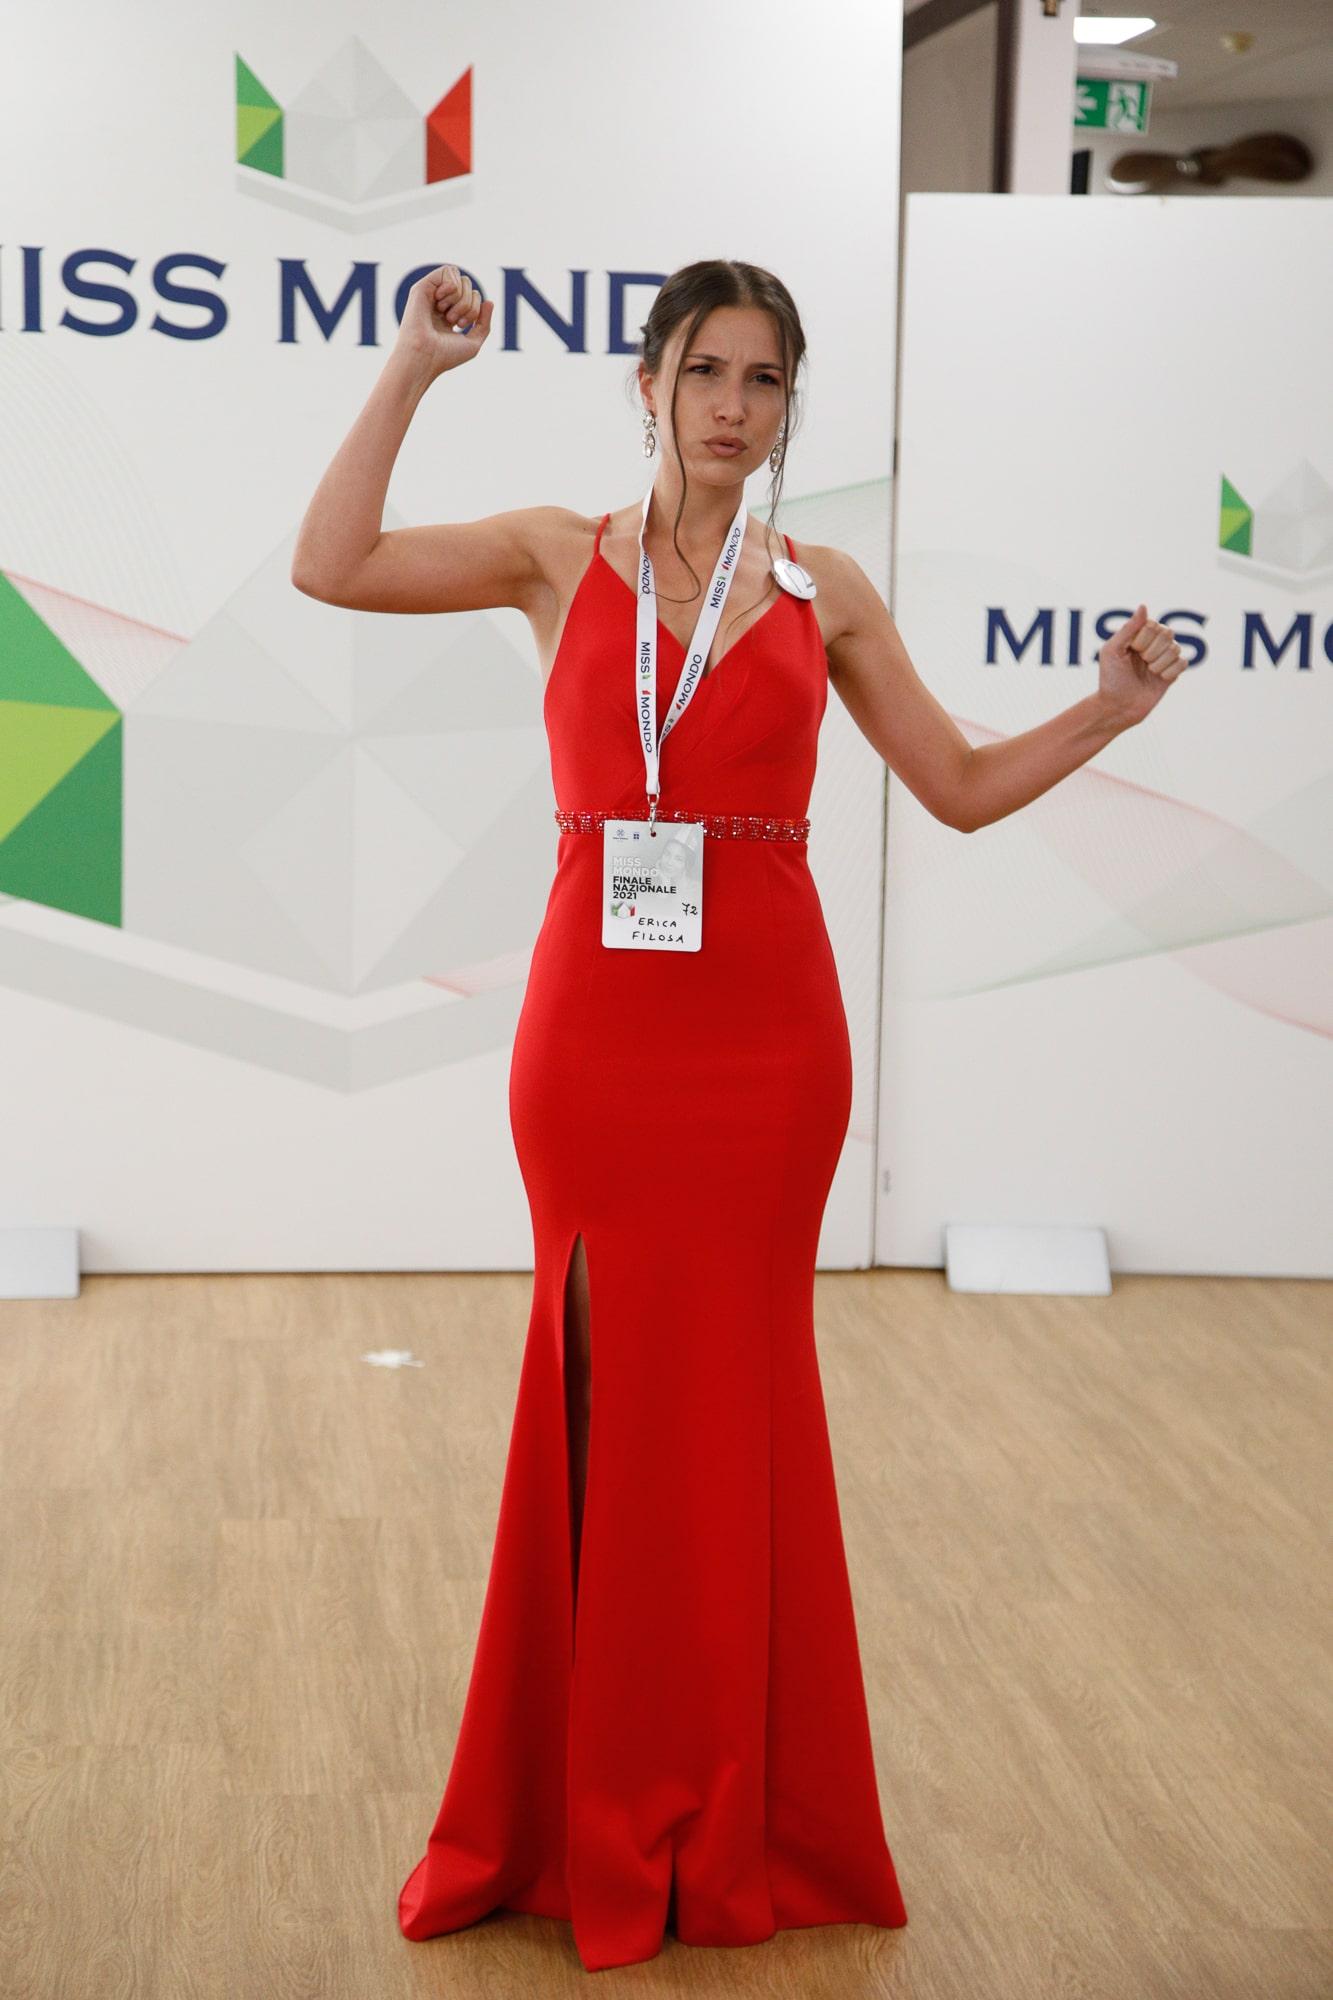 Finale nazione Miss Mondo Italia 2021 Audizione Talent 3 - 20